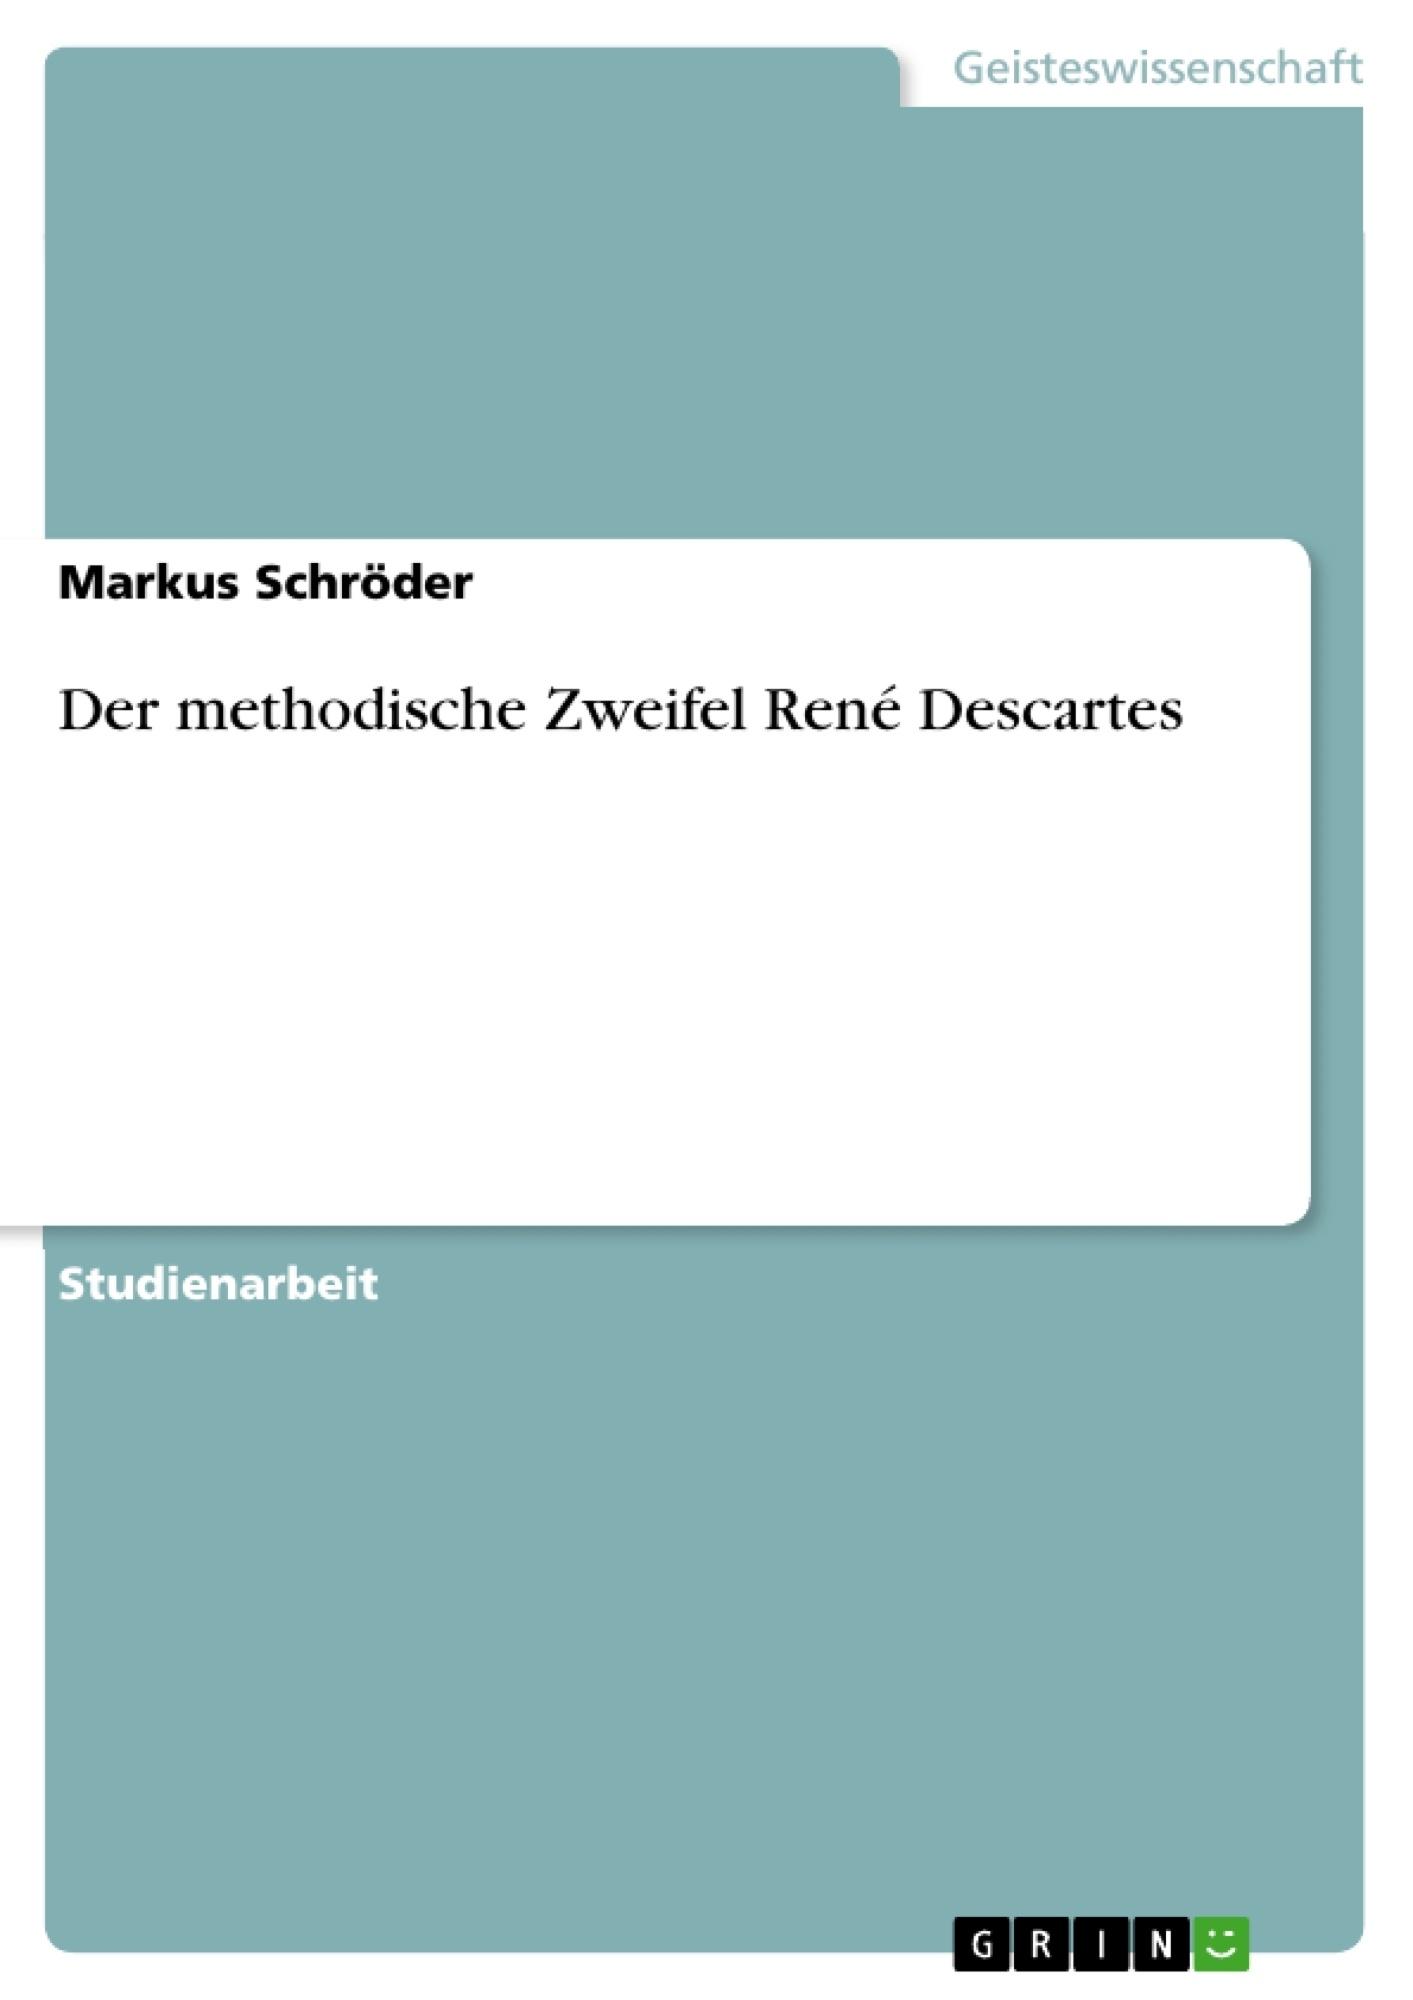 Titel: Der methodische Zweifel René Descartes